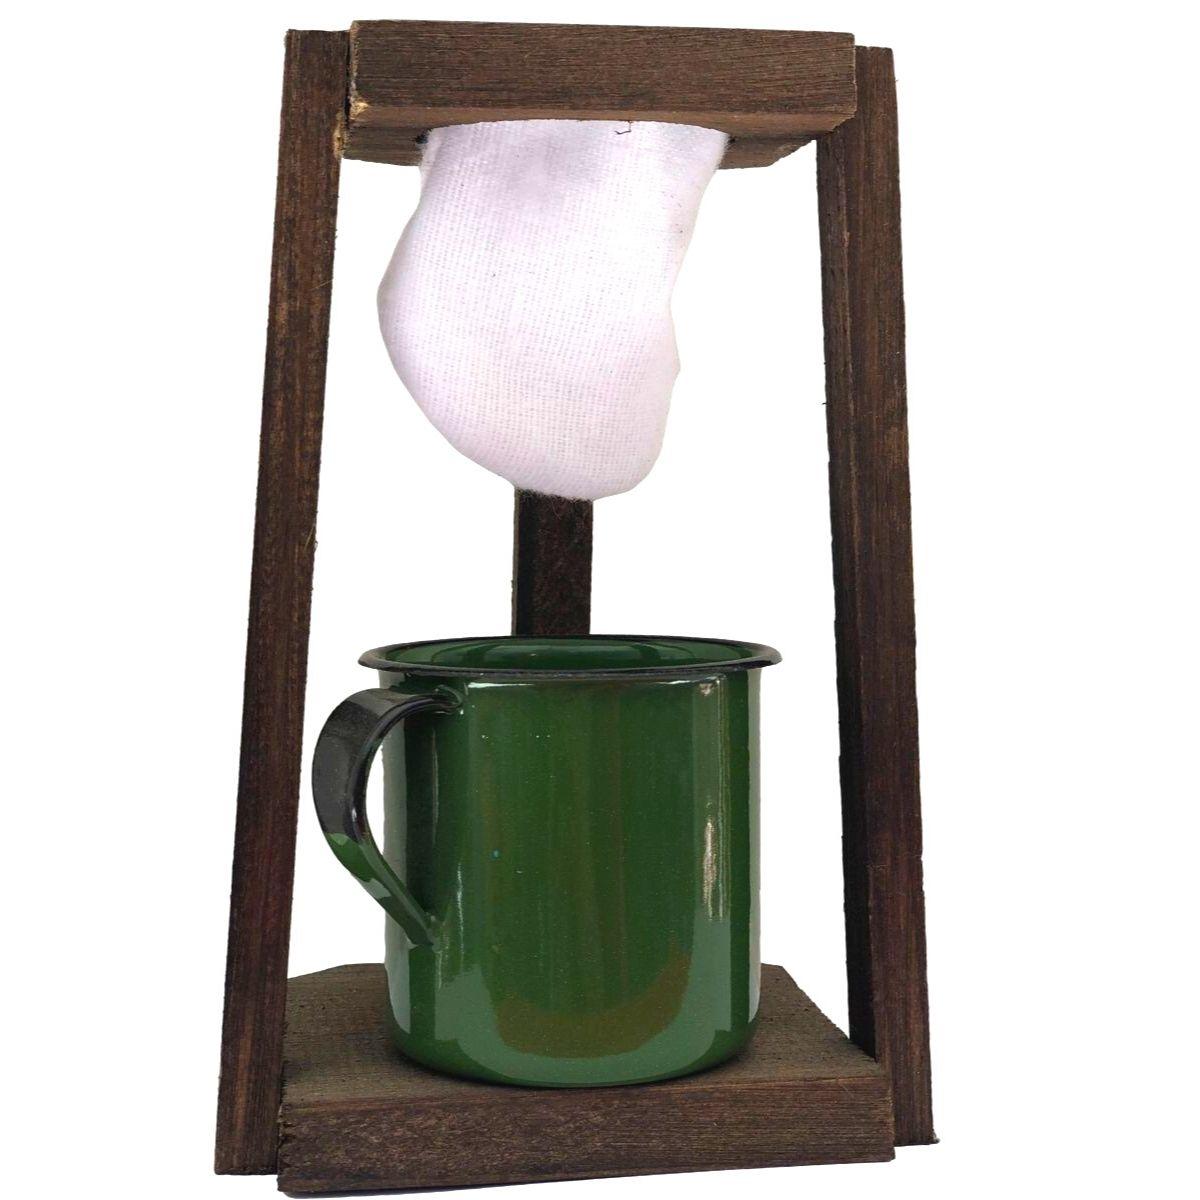 Kit Coador de Café em Madeira com Caneca Esmaltada Verde 180ml